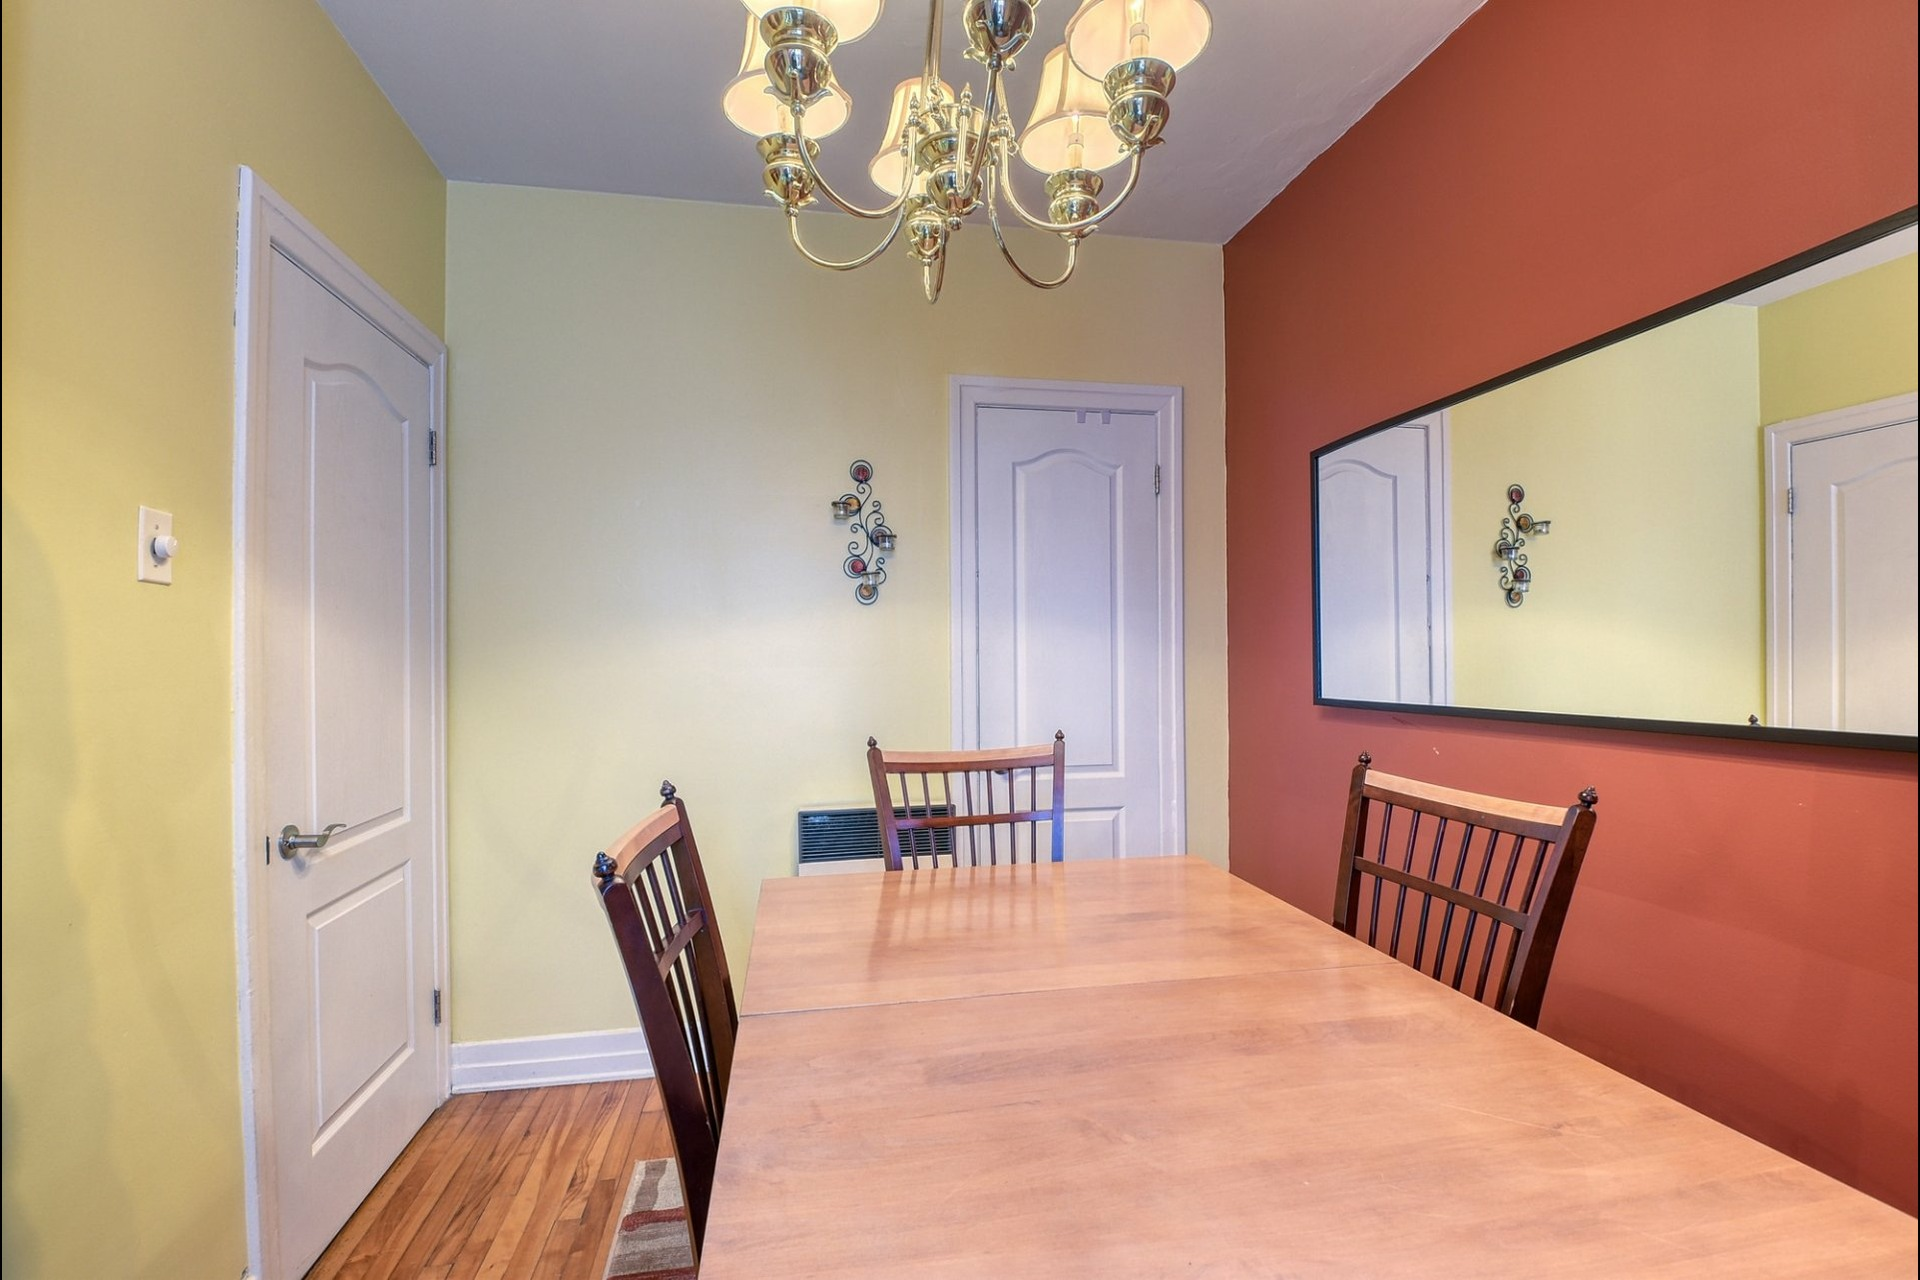 image 9 - Maison À vendre Lachine Montréal  - 8 pièces